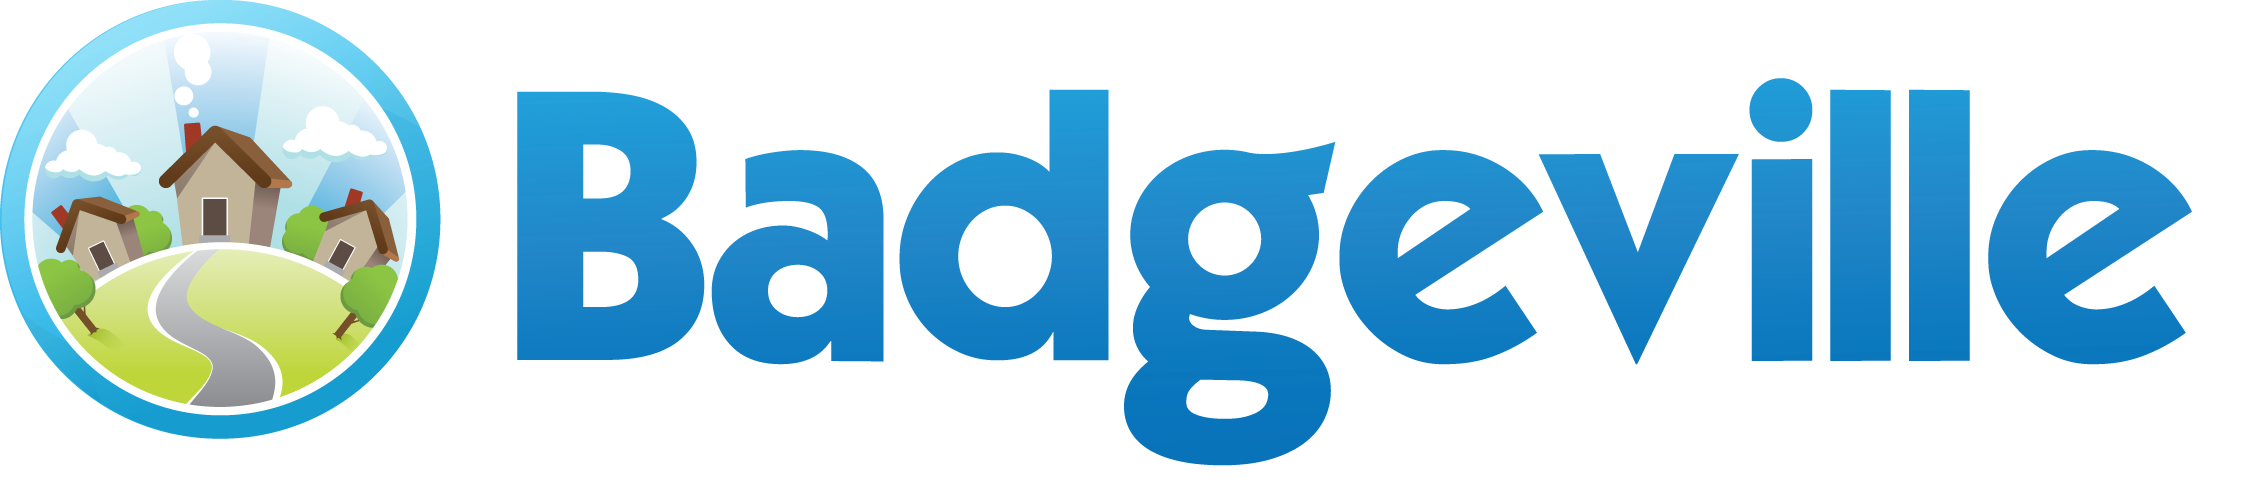 Badgdville_logo